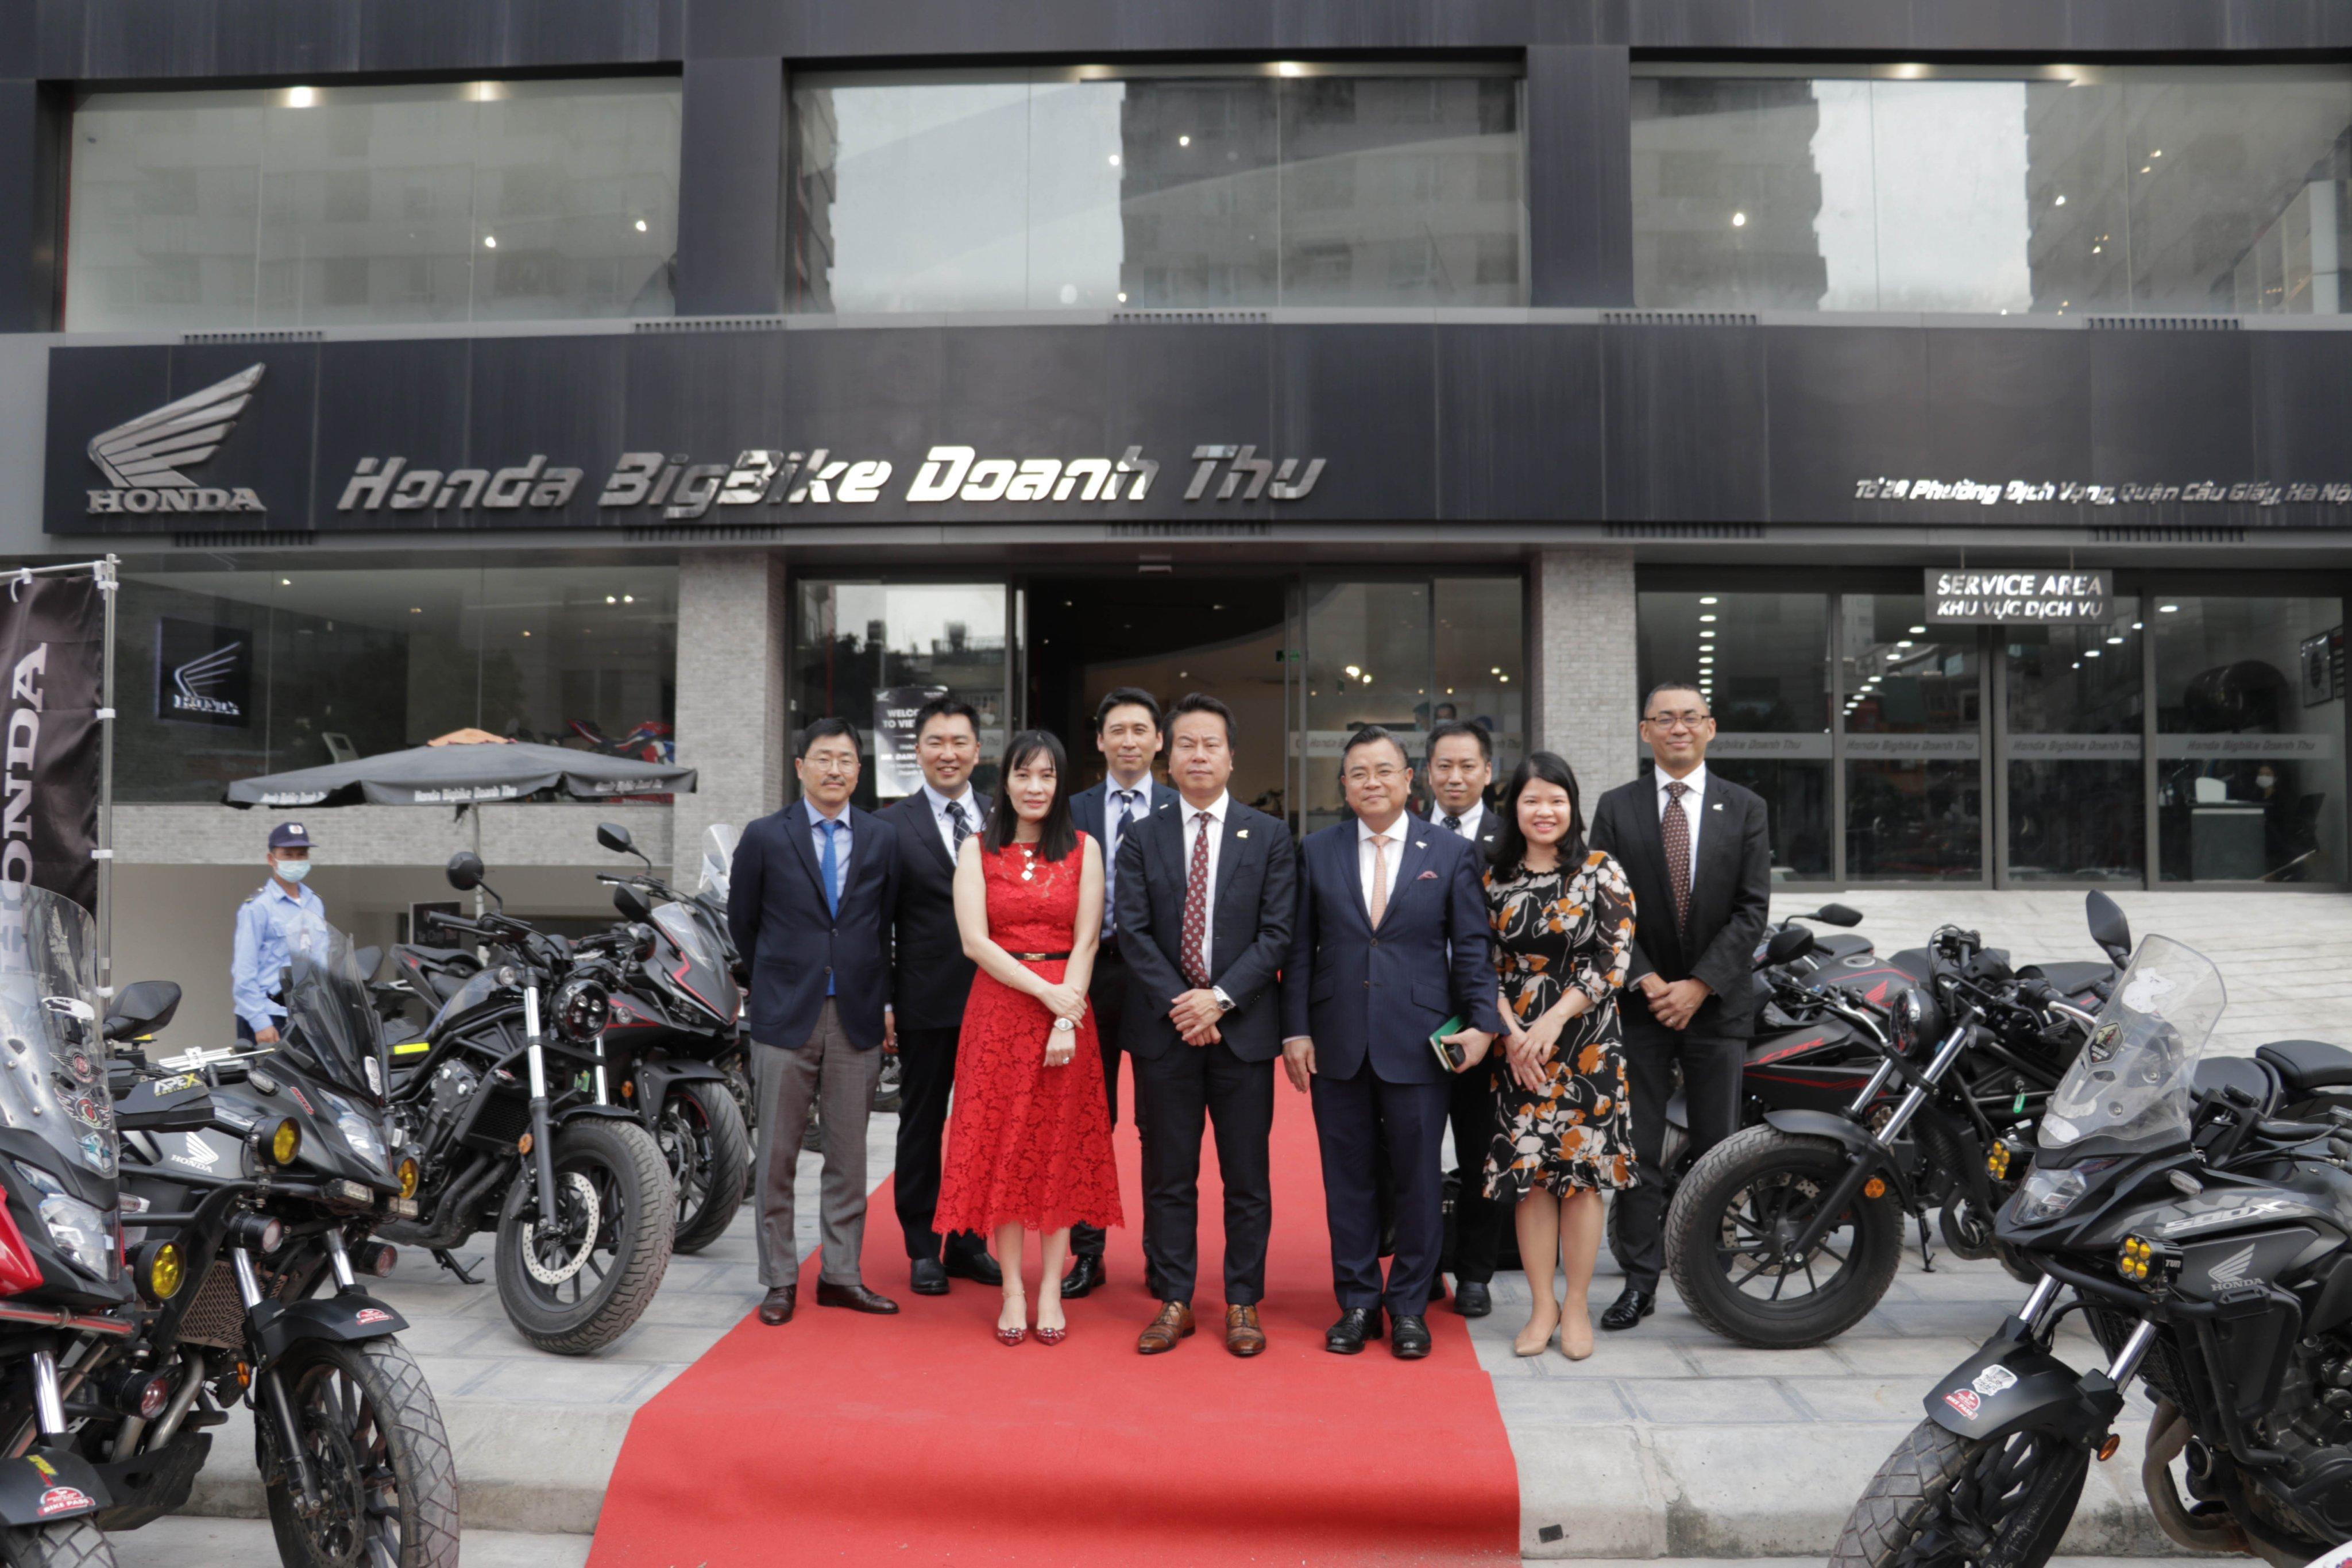 Lễ đón tân chủ tịch và đoàn lãnh đạo cấp cao Honda Việt Nam tại Honda BigBike Doanh Thu